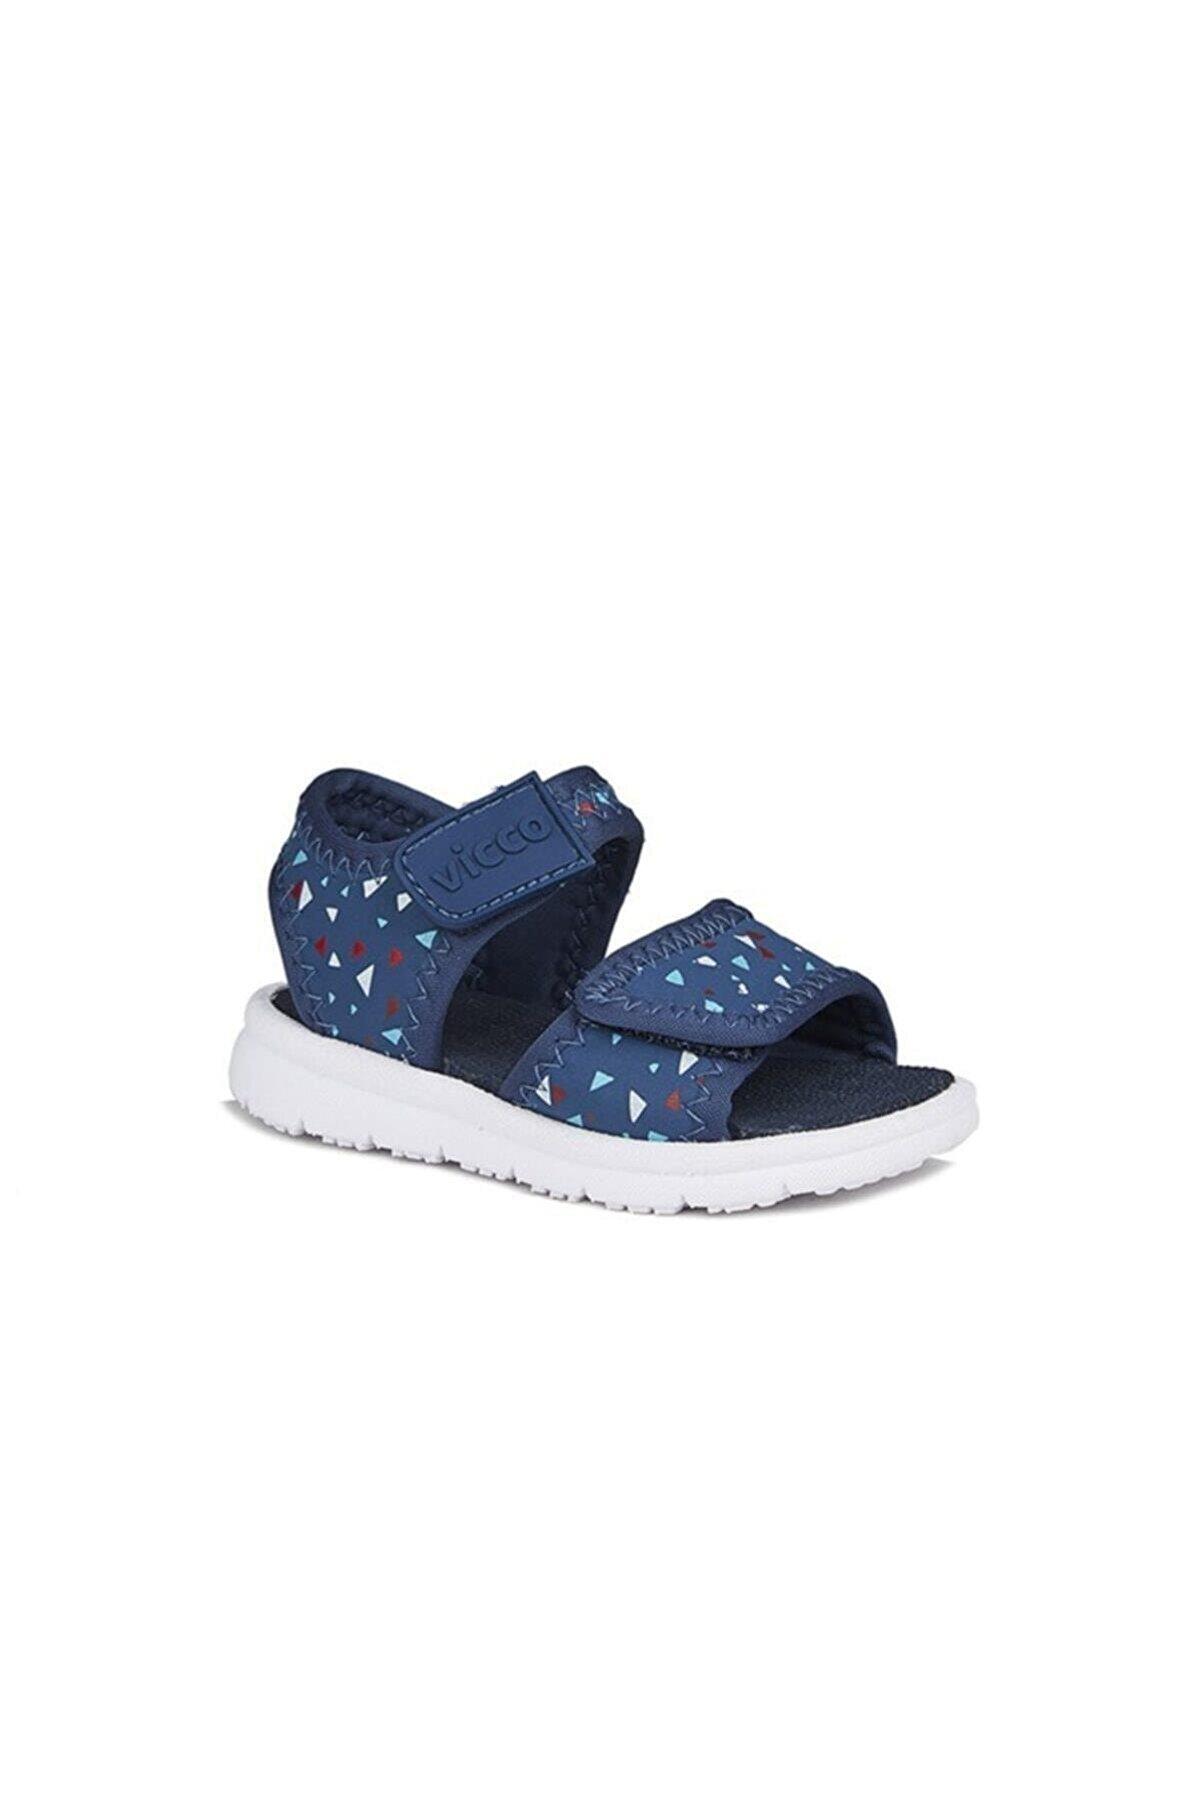 Vicco Limbo Sandalet Lacivert ((1 NUMARA BÜYÜK ALABİLİRSİNİZ))